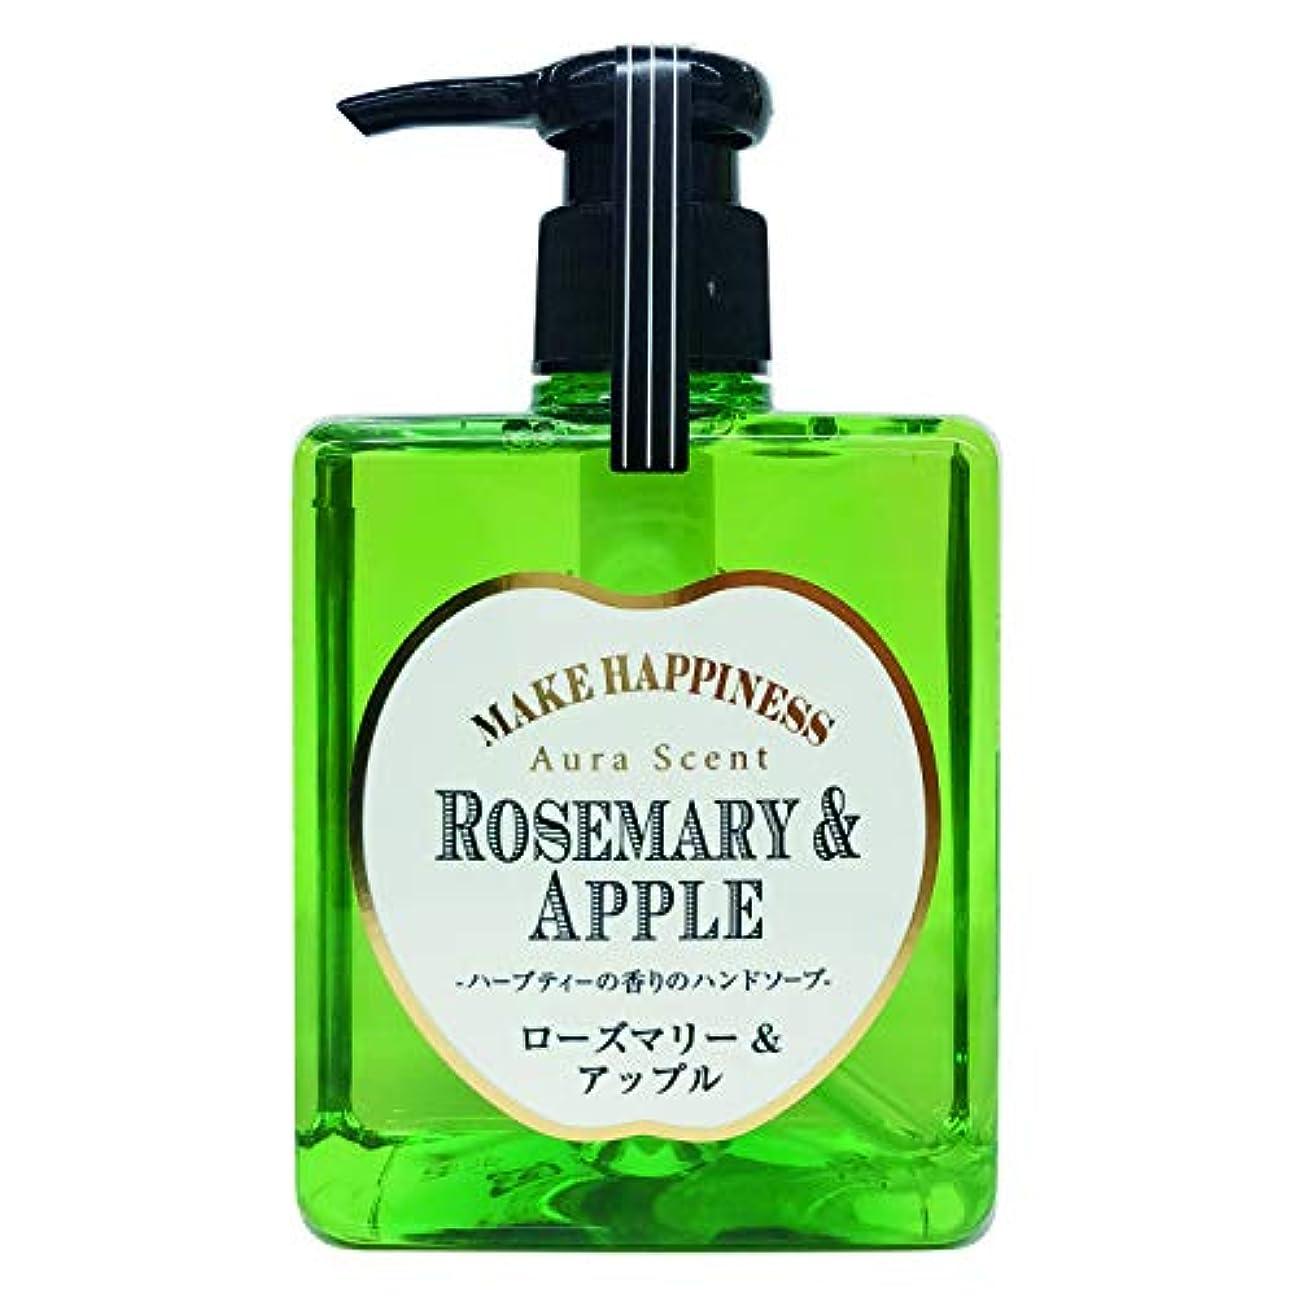 見せます礼拝重要なペリカン石鹸 オーラセント ハンドソープローズマリー&アップル 300ml